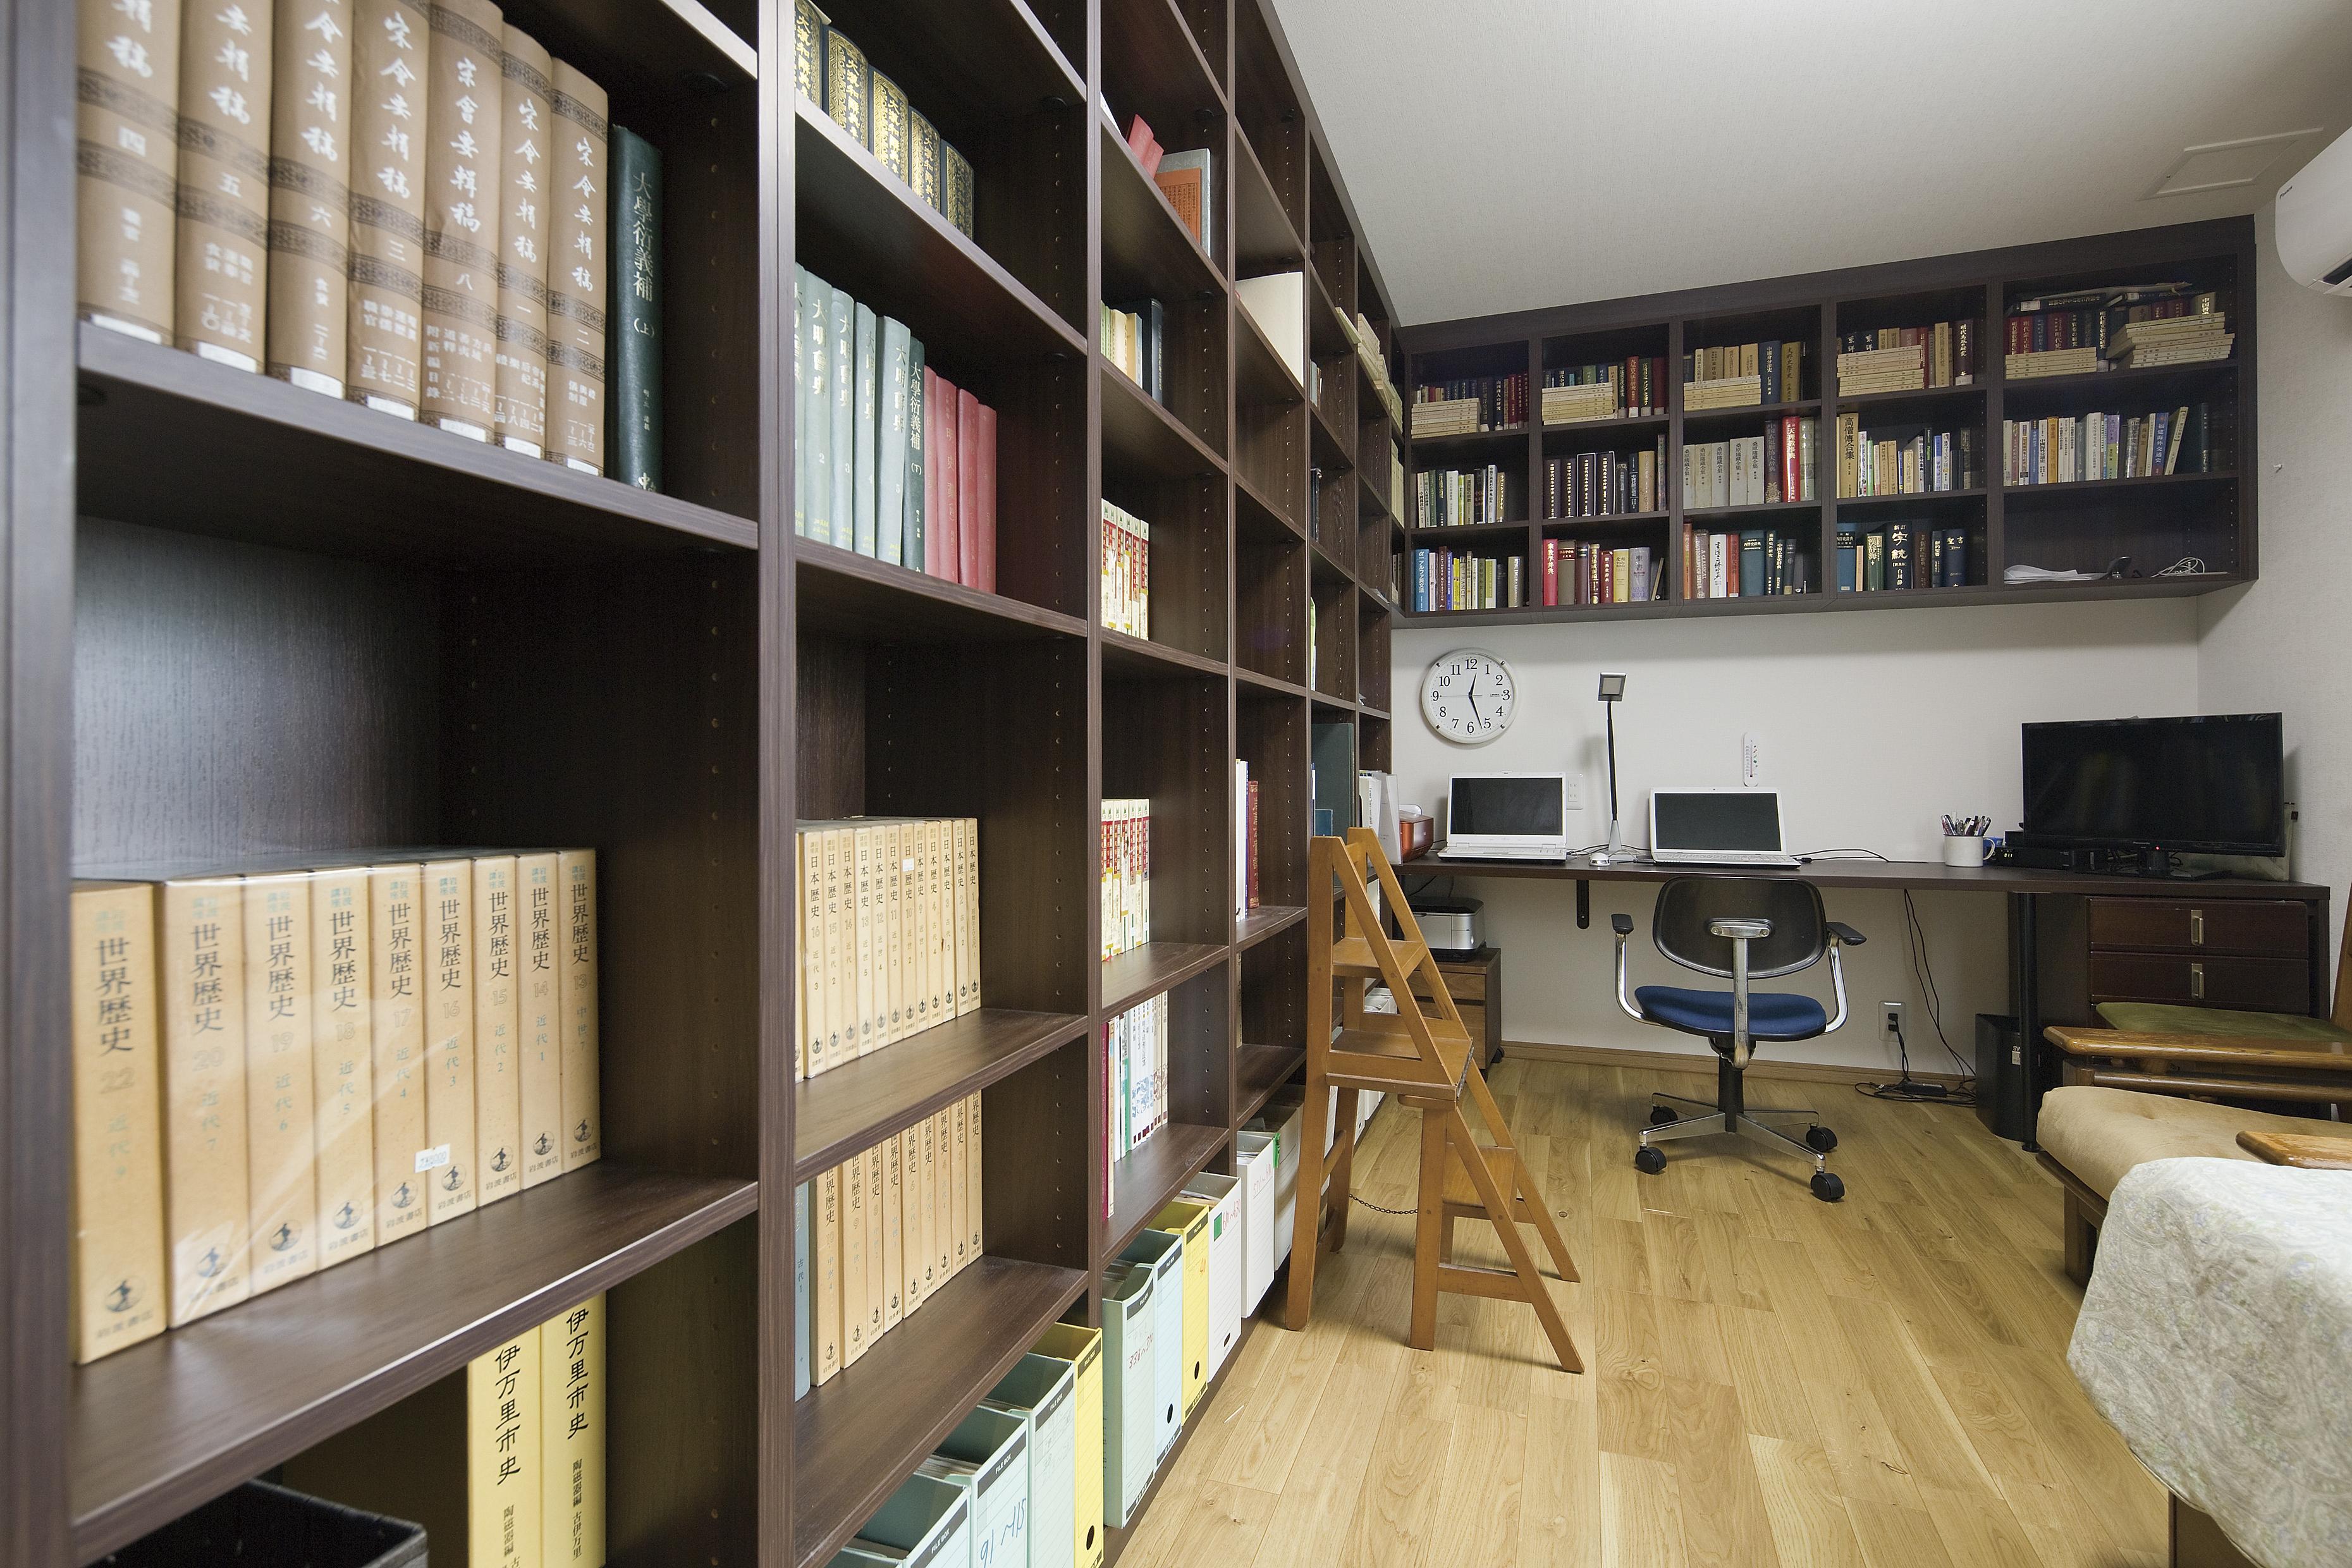 お父様のお部屋には書斎スペースを設け、床から天井まで蔵書できる本棚を造作し、図書館のような雰囲気に。